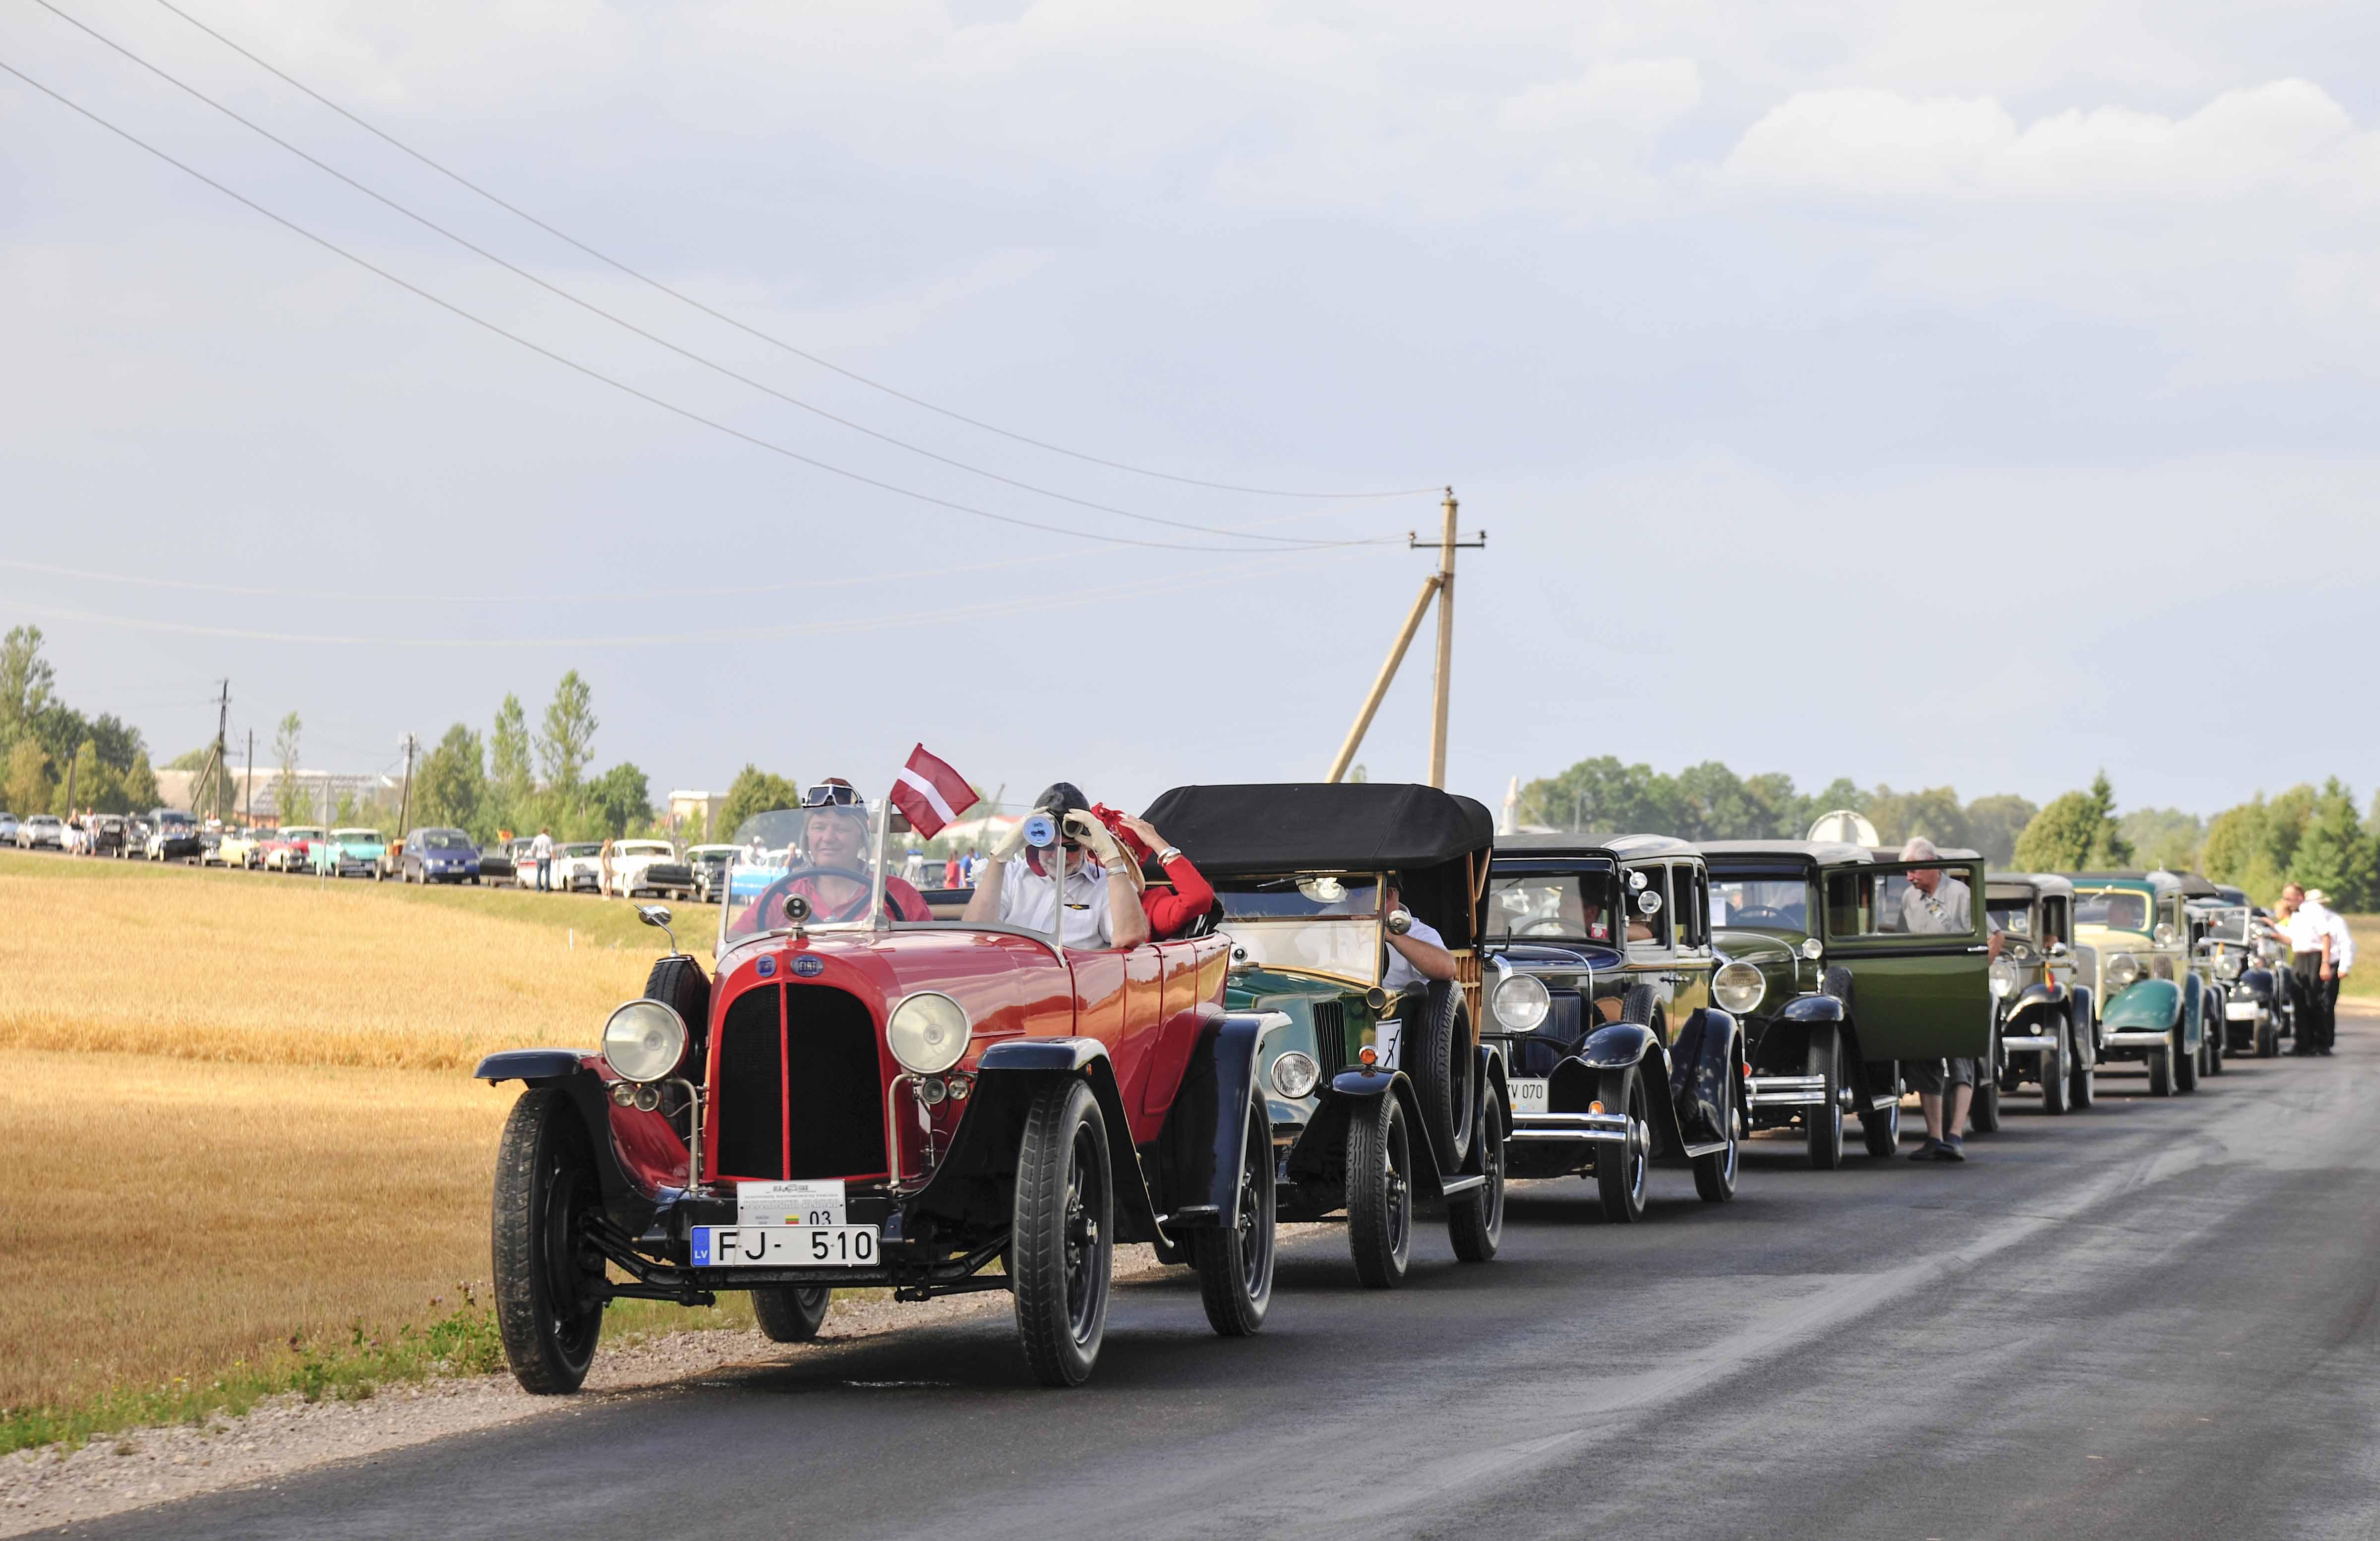 Priekyje – Seniausias automobilis – 1922 m. pag. FIAT 510 S (Latvija). Savininkas – Janis Oskerko | I. Daubaraitės nuotr.